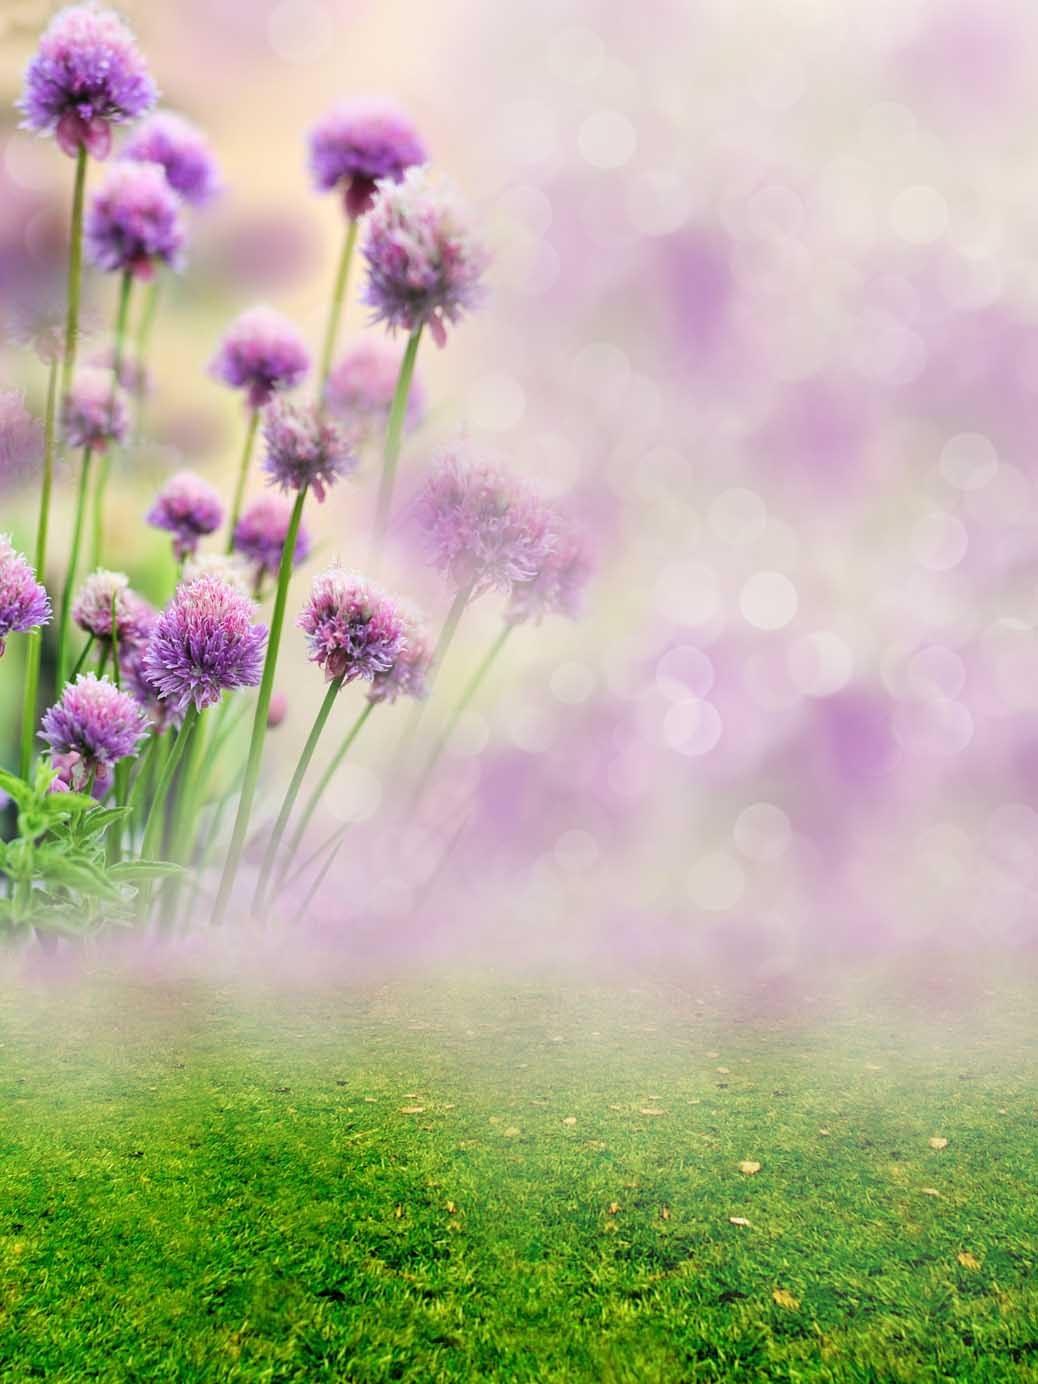 Fondo de caja mágica de vida para foto, flor púrpura, fotocall, boda,...